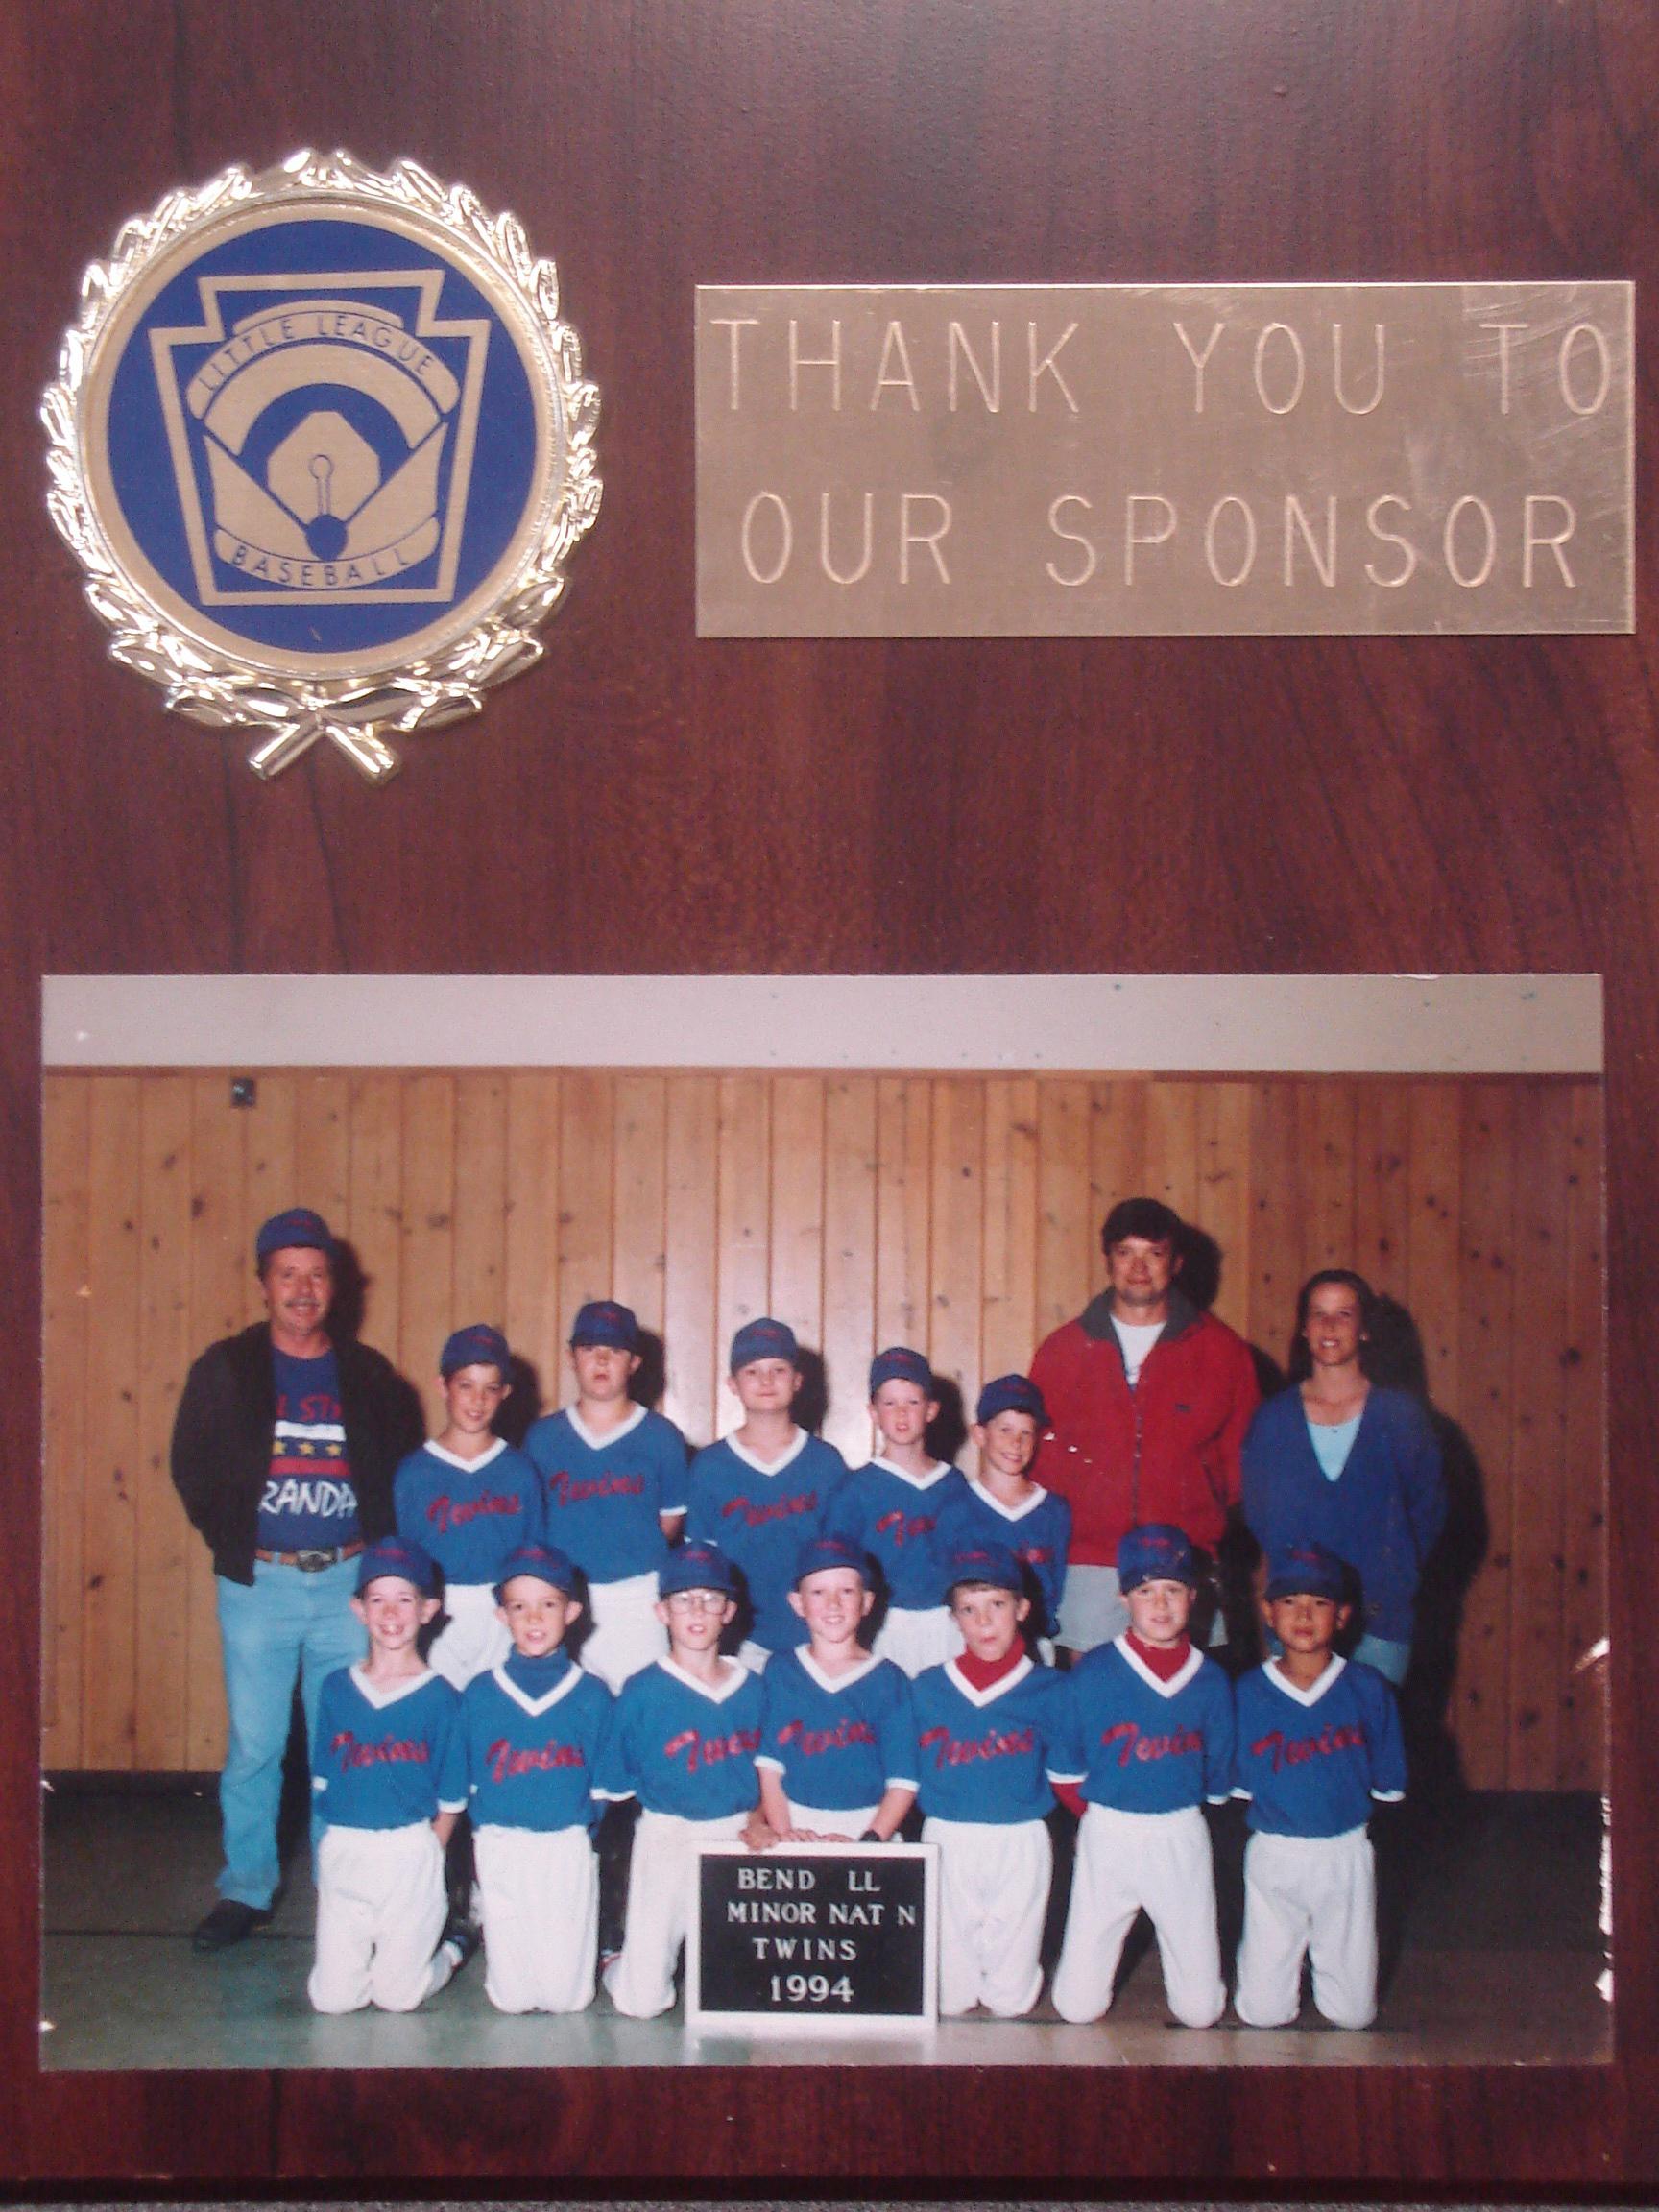 Miller Lumber sponsored this 1994 Little League baseball team.